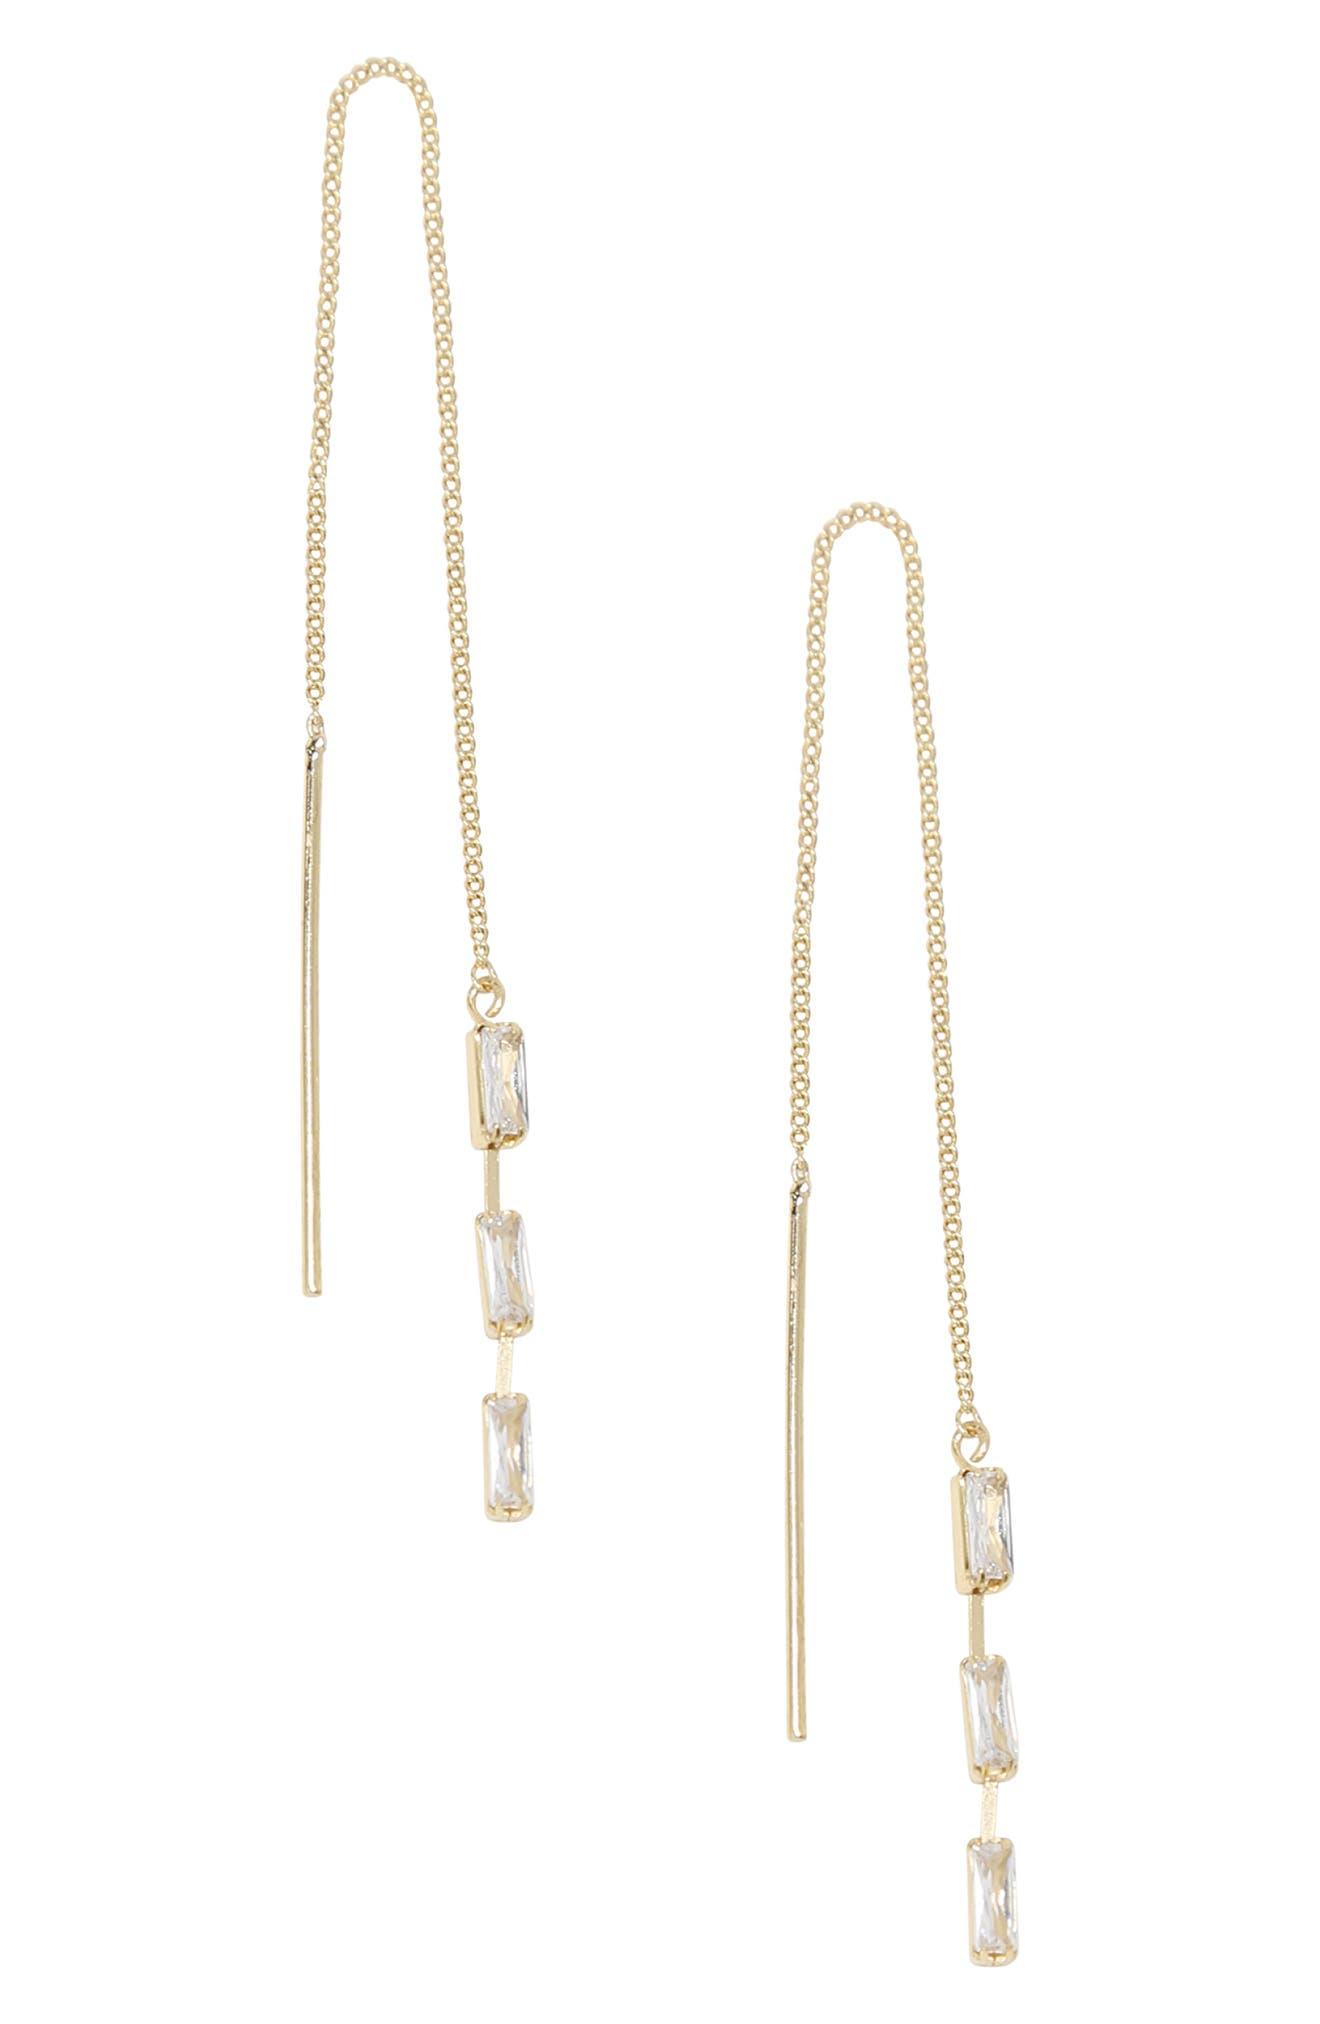 Crystal Chain Threader Earrings